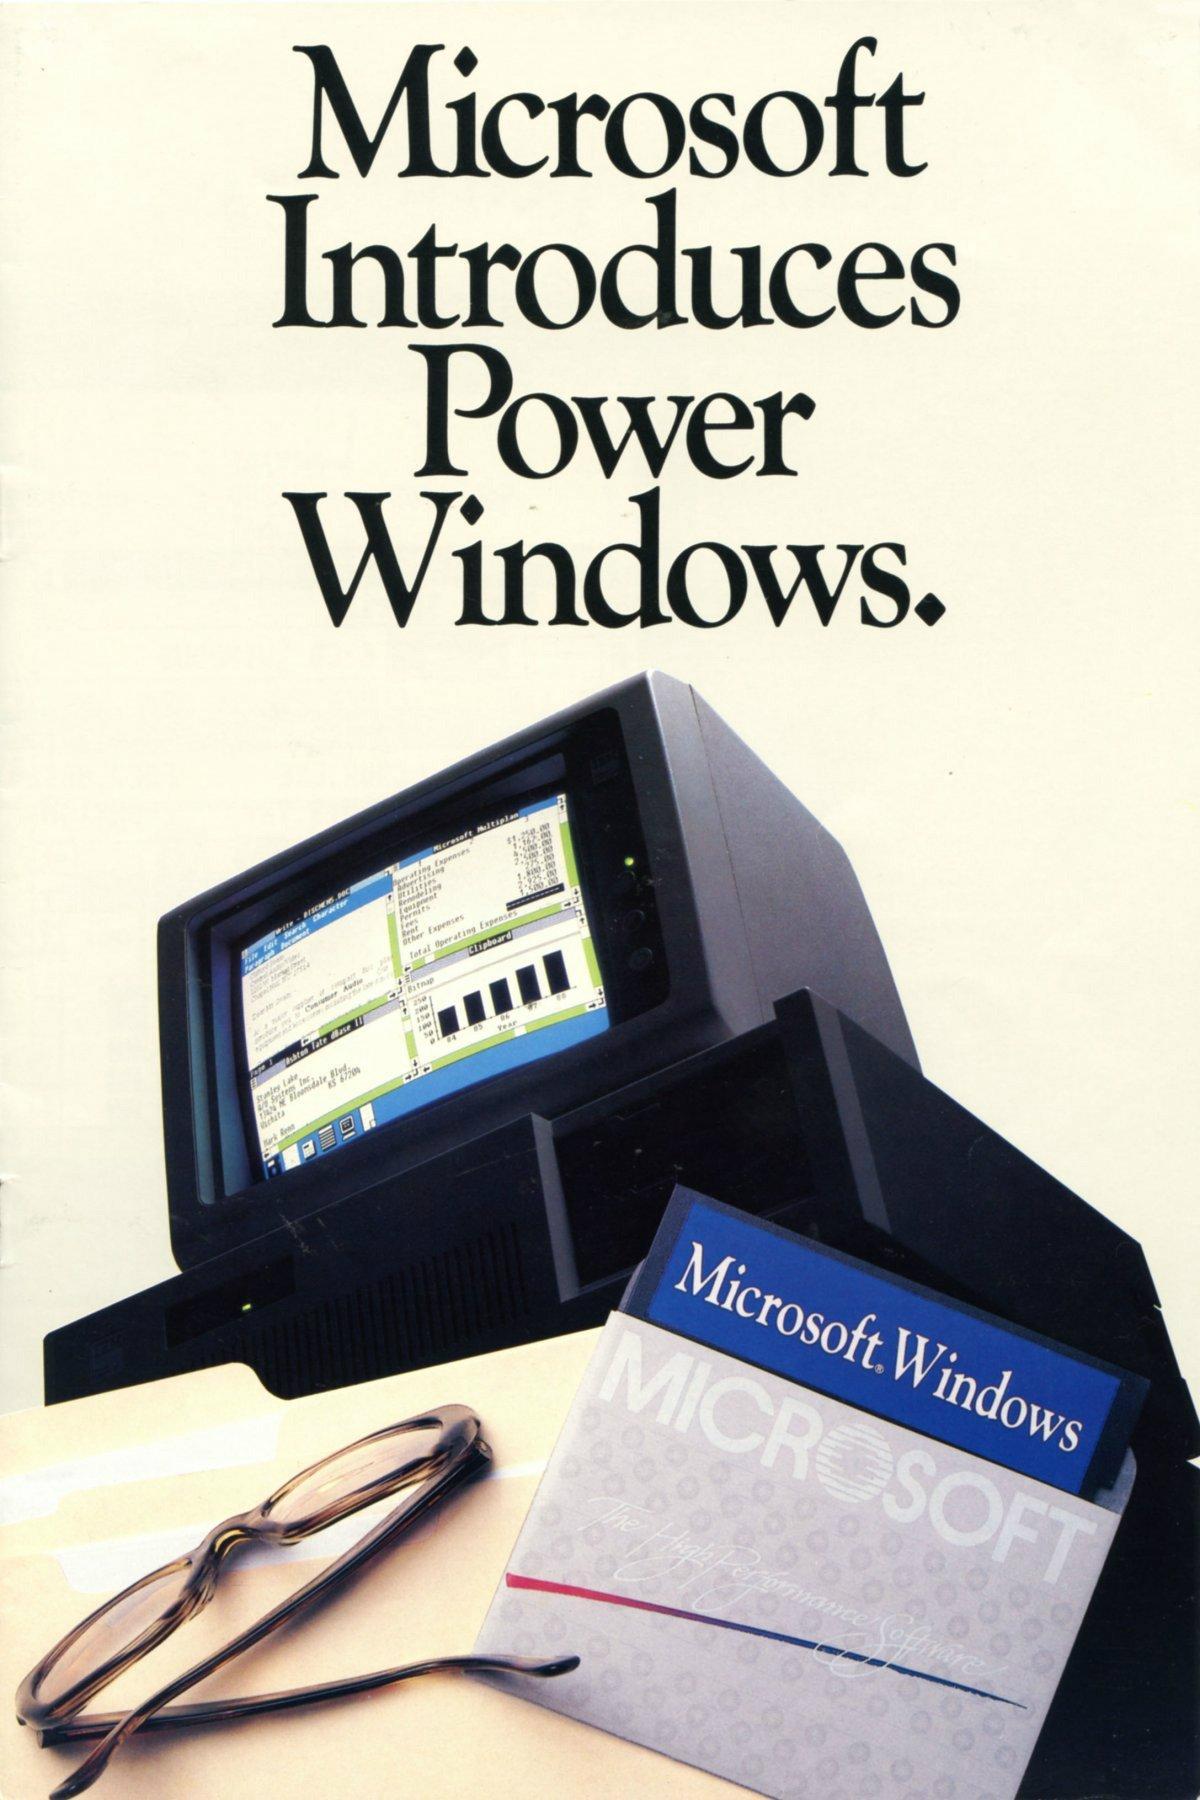 در آن زمان البته رابطه استیو جابز و بیل گیتس عالی بود؛ اما زمانی که مایکروسافت، ویندوز را رونمایی کرد، این رابطه هم رو به سیاهی رفت و هیچ وقت در گذر زمان بهبود کامل نیافت.